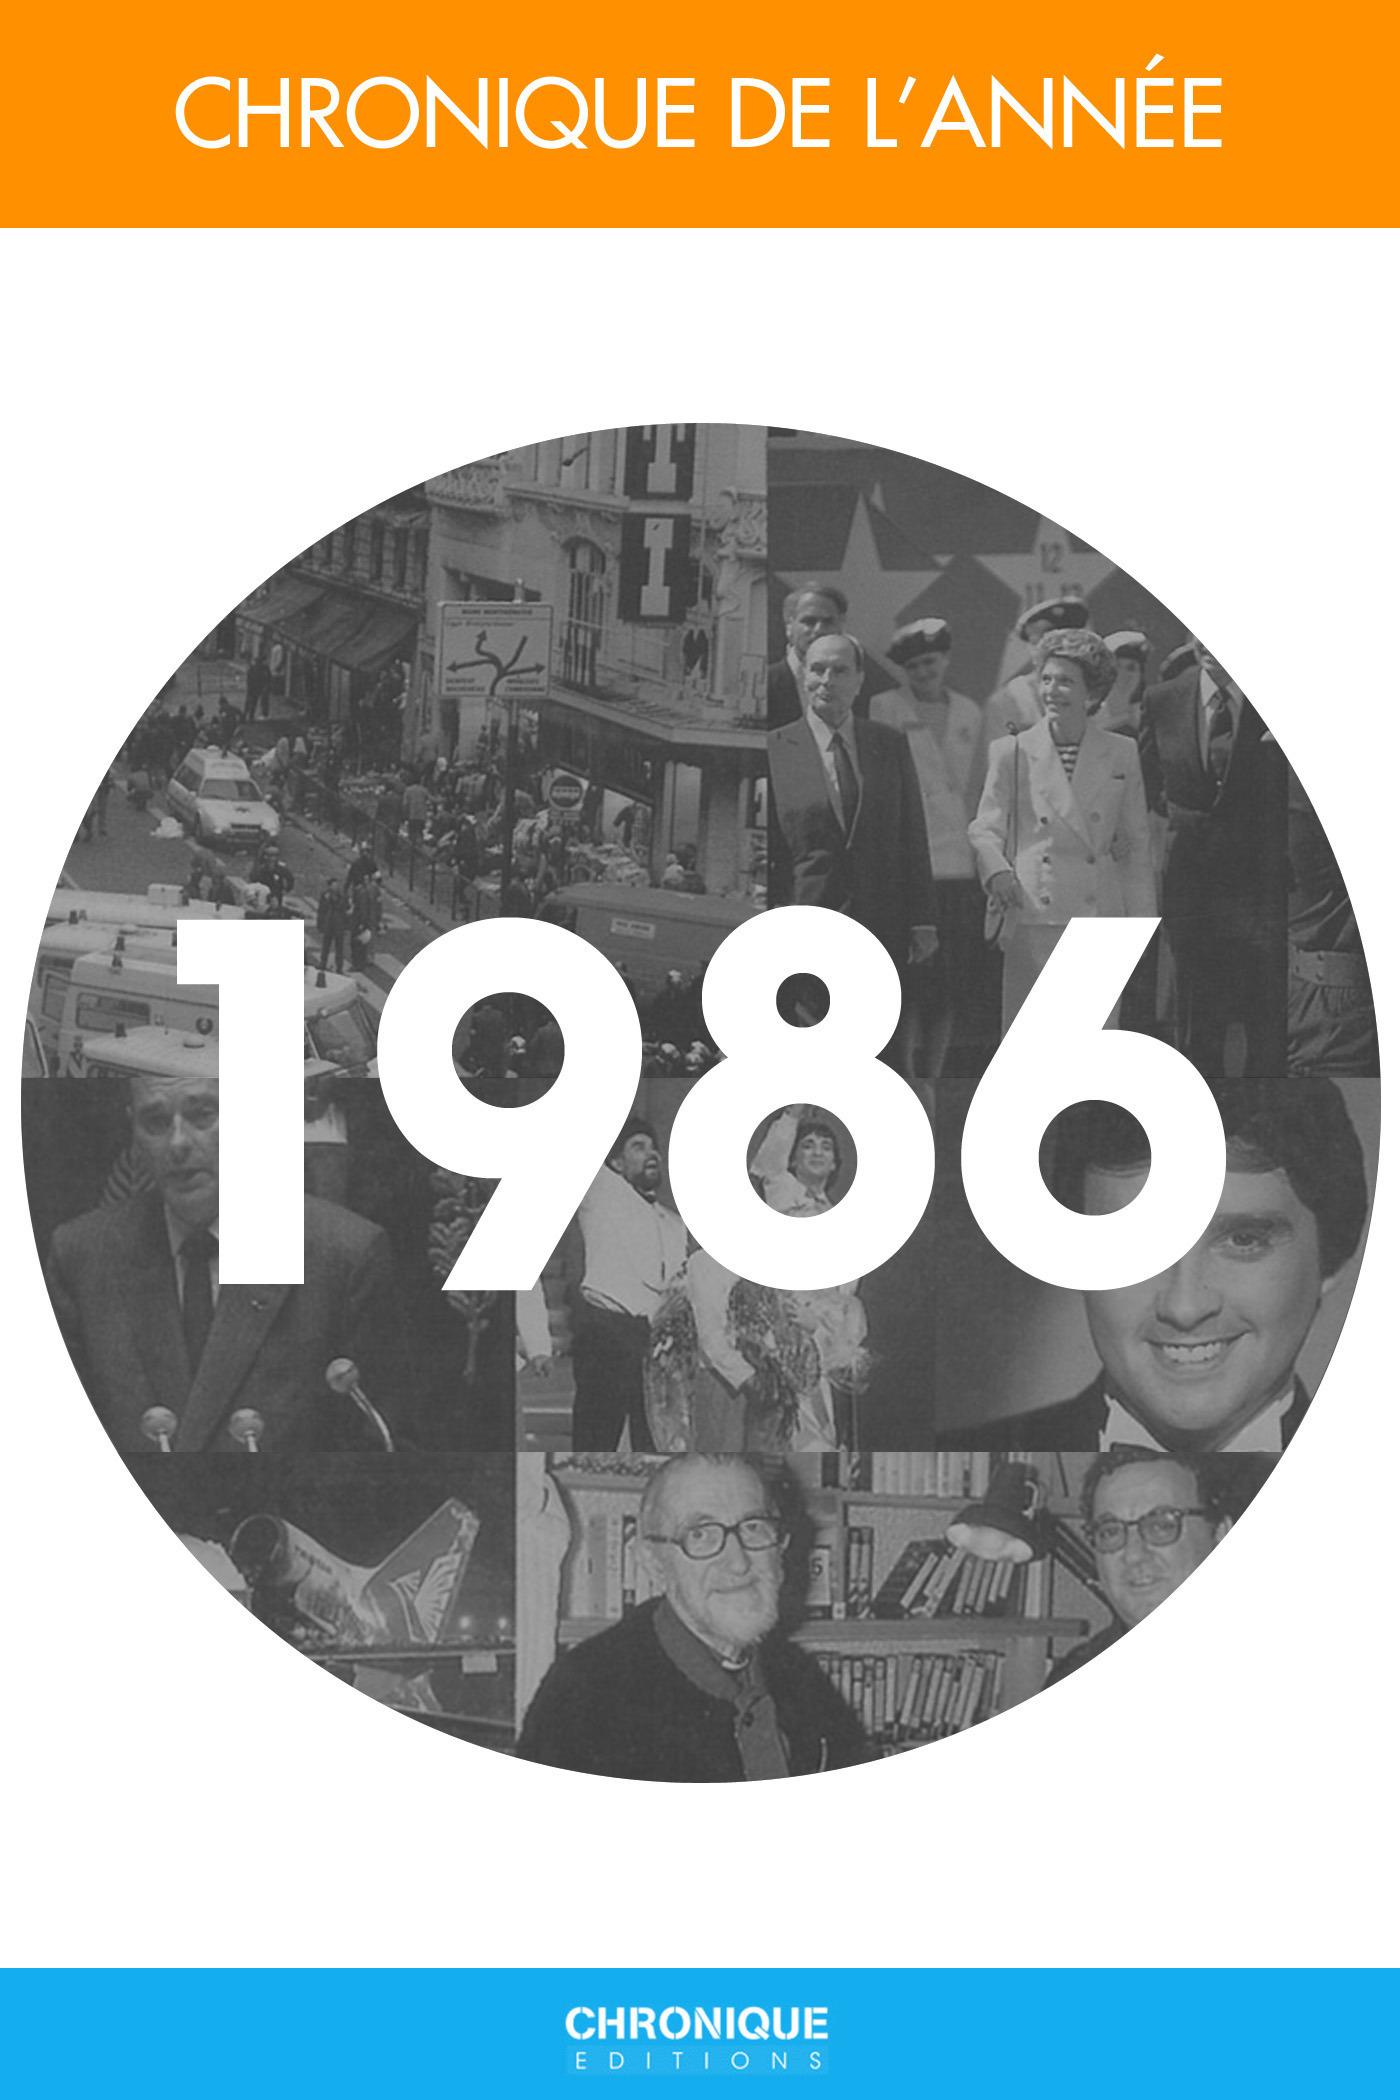 Chroniques de l'annee 1986